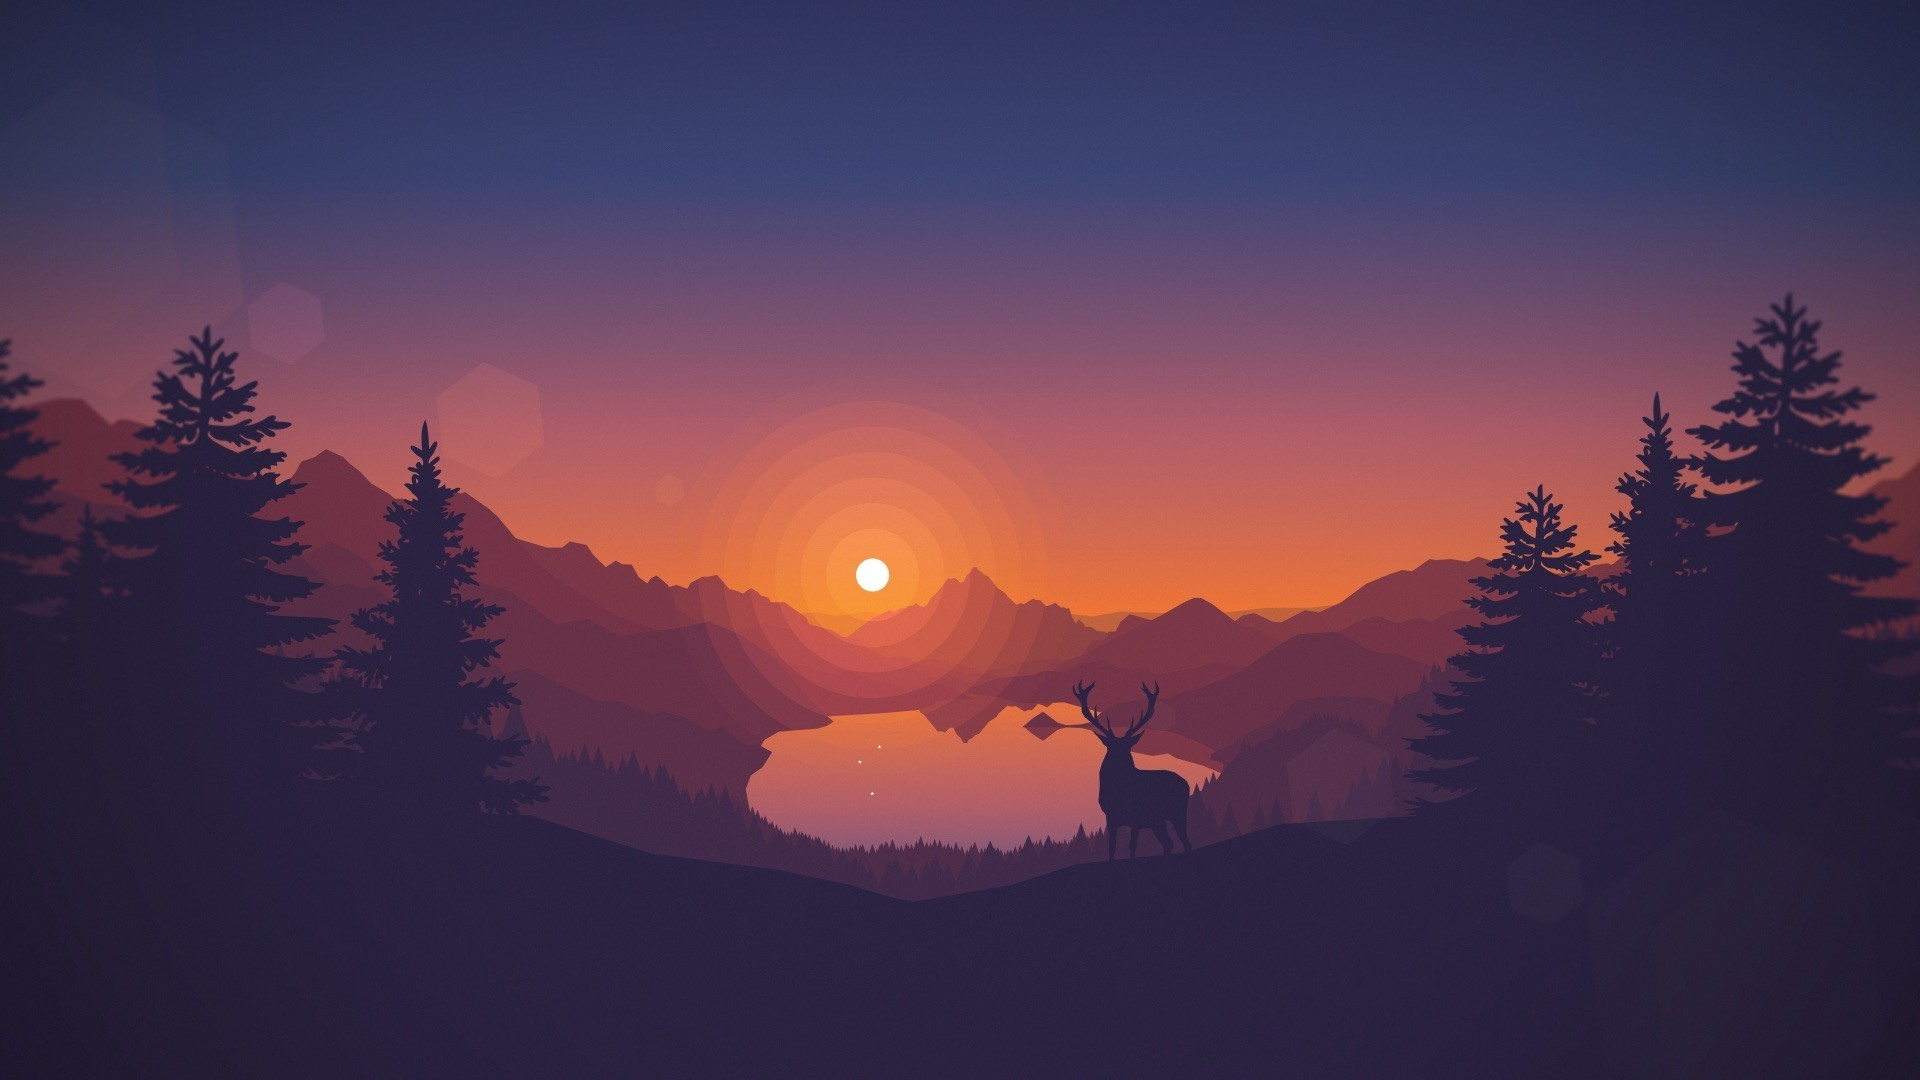 Ultra HD K Deer Wallpapers HD, Desktop Backgrounds 1920×1080 Deer Image  Wallpapers (